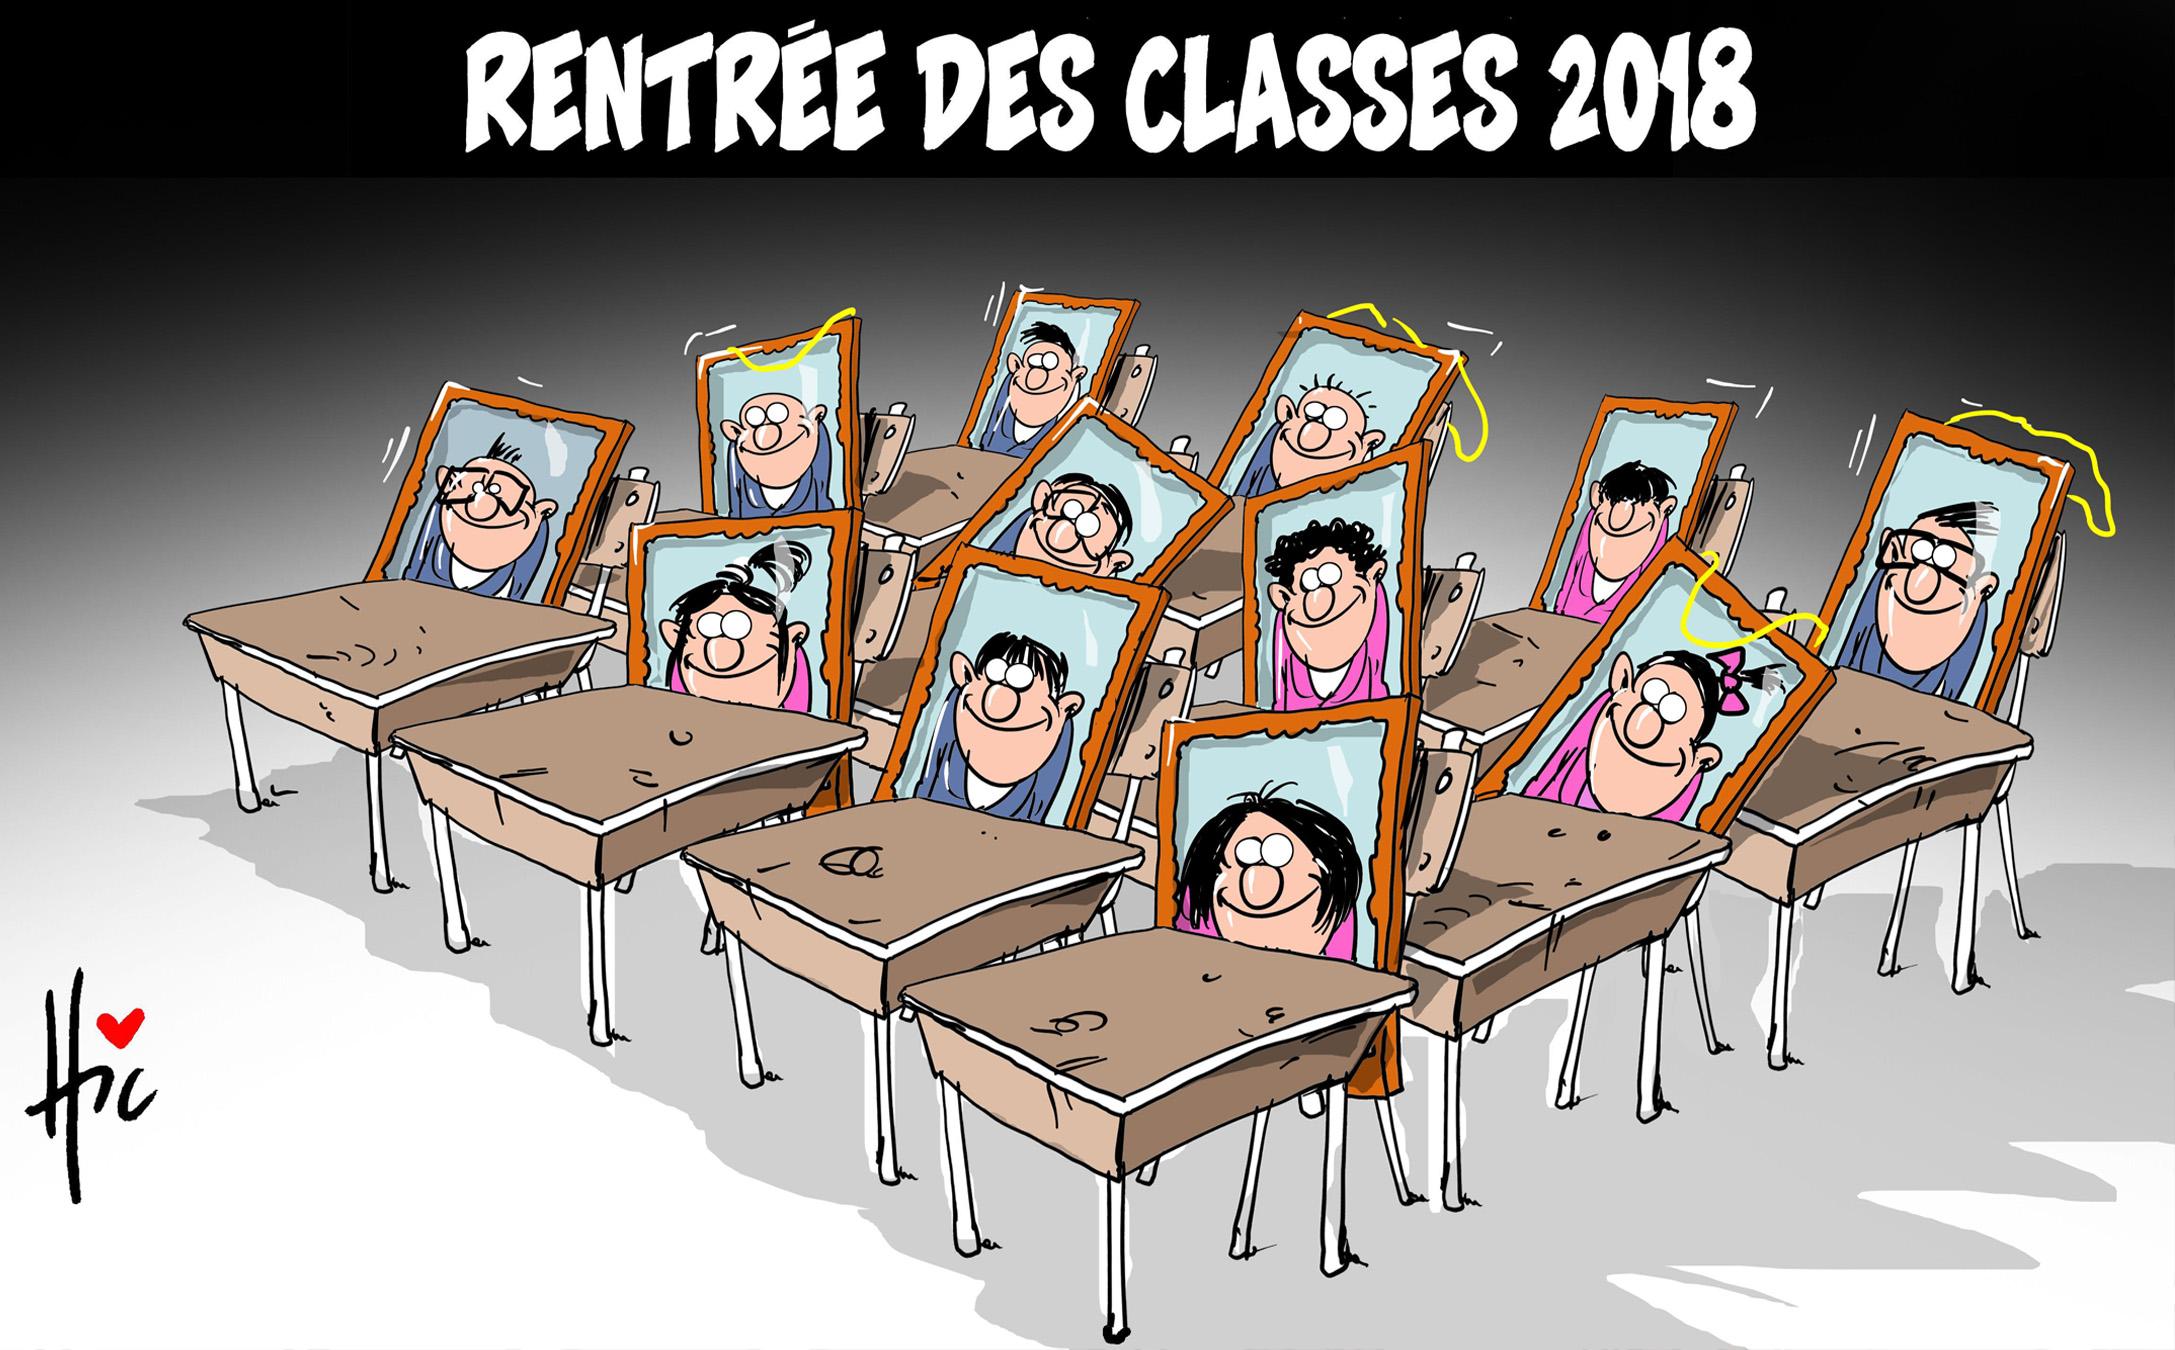 Rentrée des classes 2018 - Rentrée - Gagdz.com